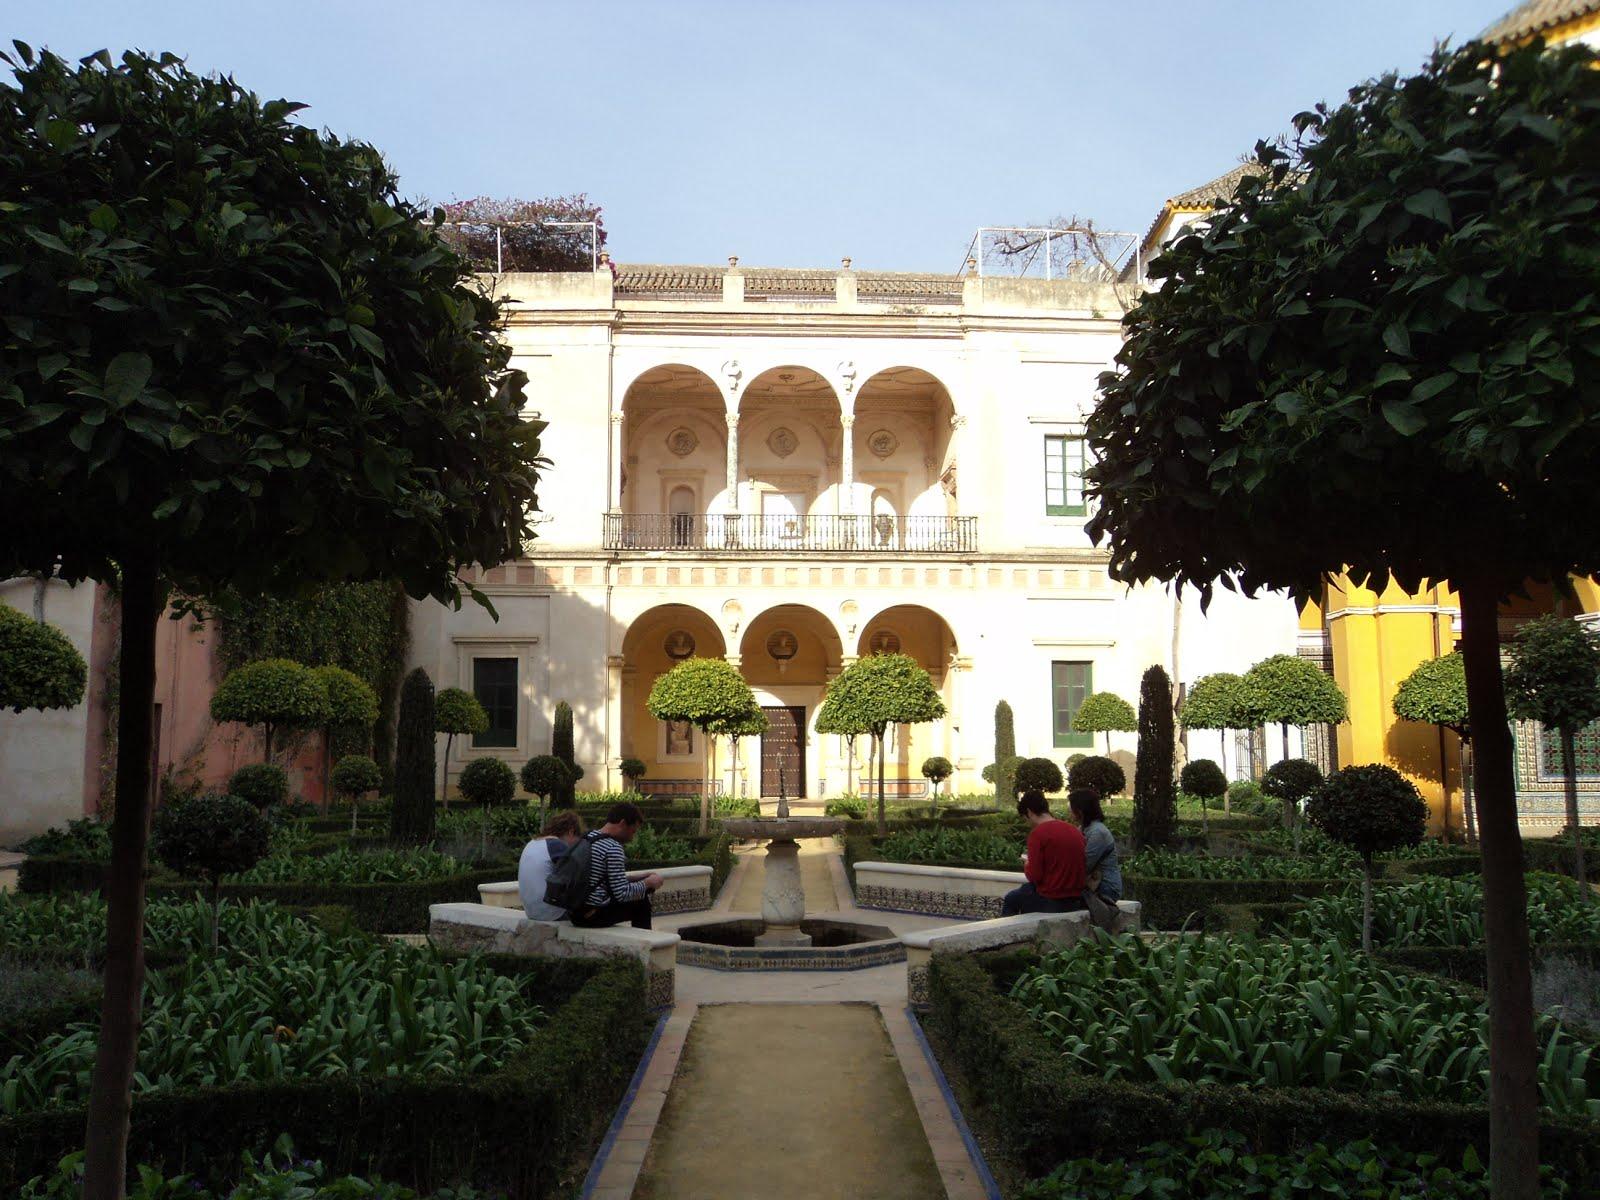 Cultura de sevilla palacios de sevilla un tesoro por descubrir - Jardines de sevilla ...